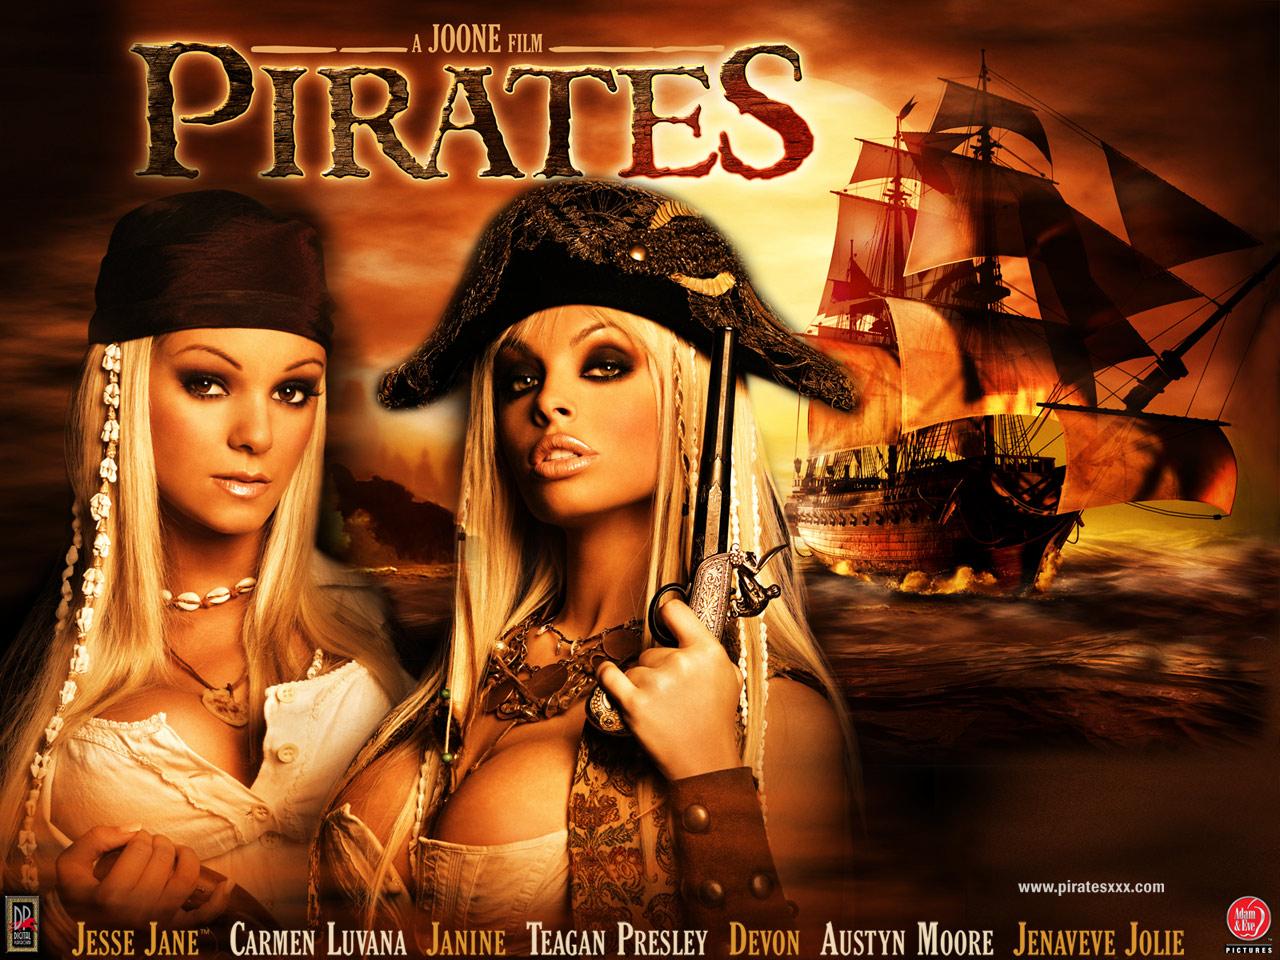 Pirates Xxx Online Movie 65